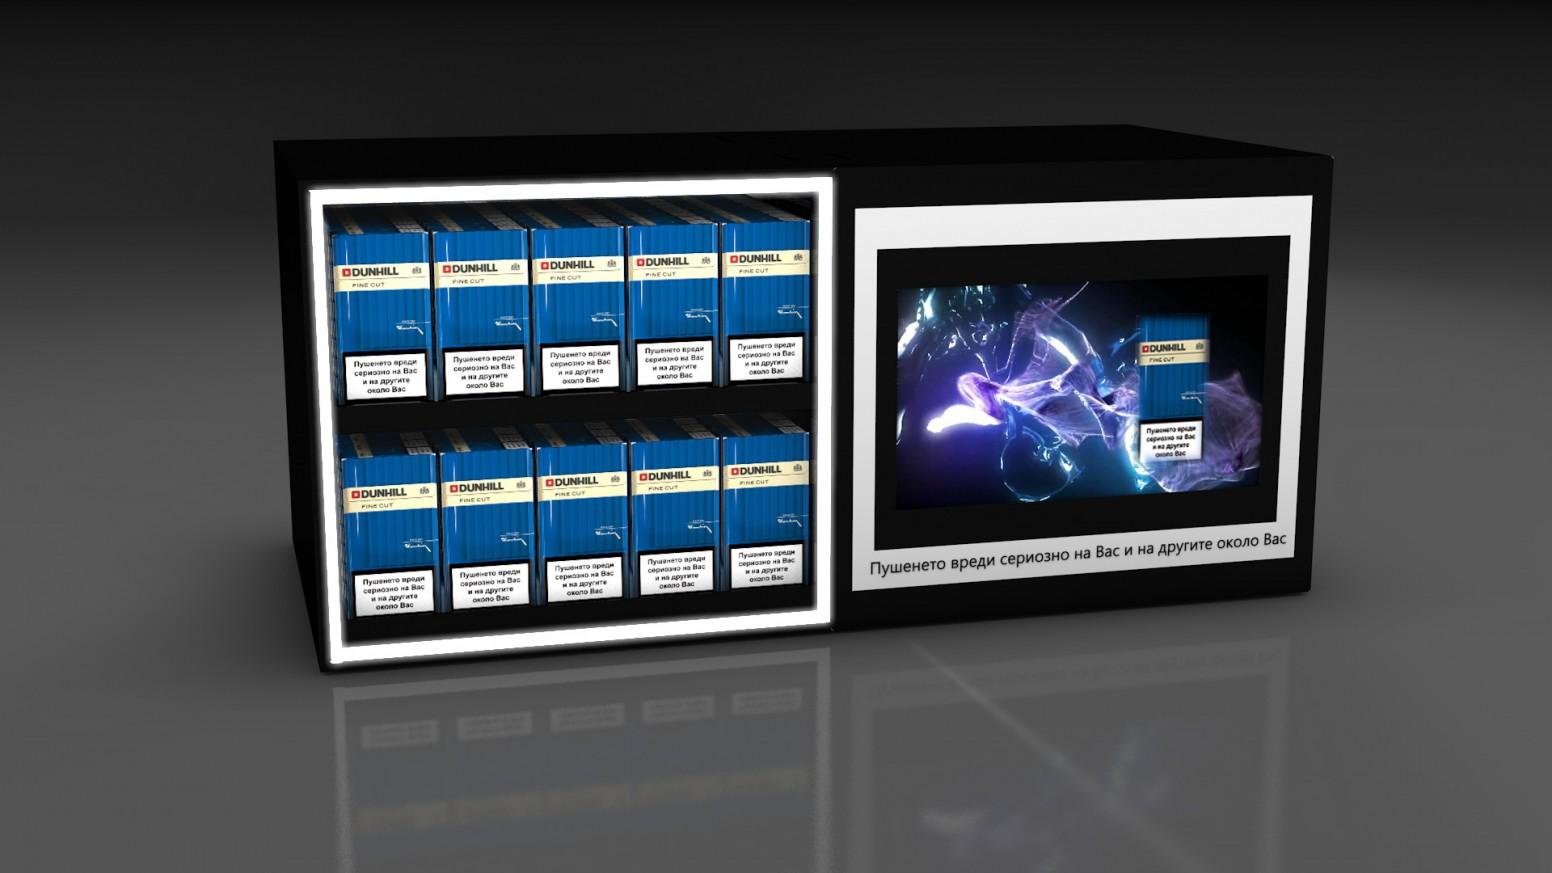 диспенсър с прозрачен екран